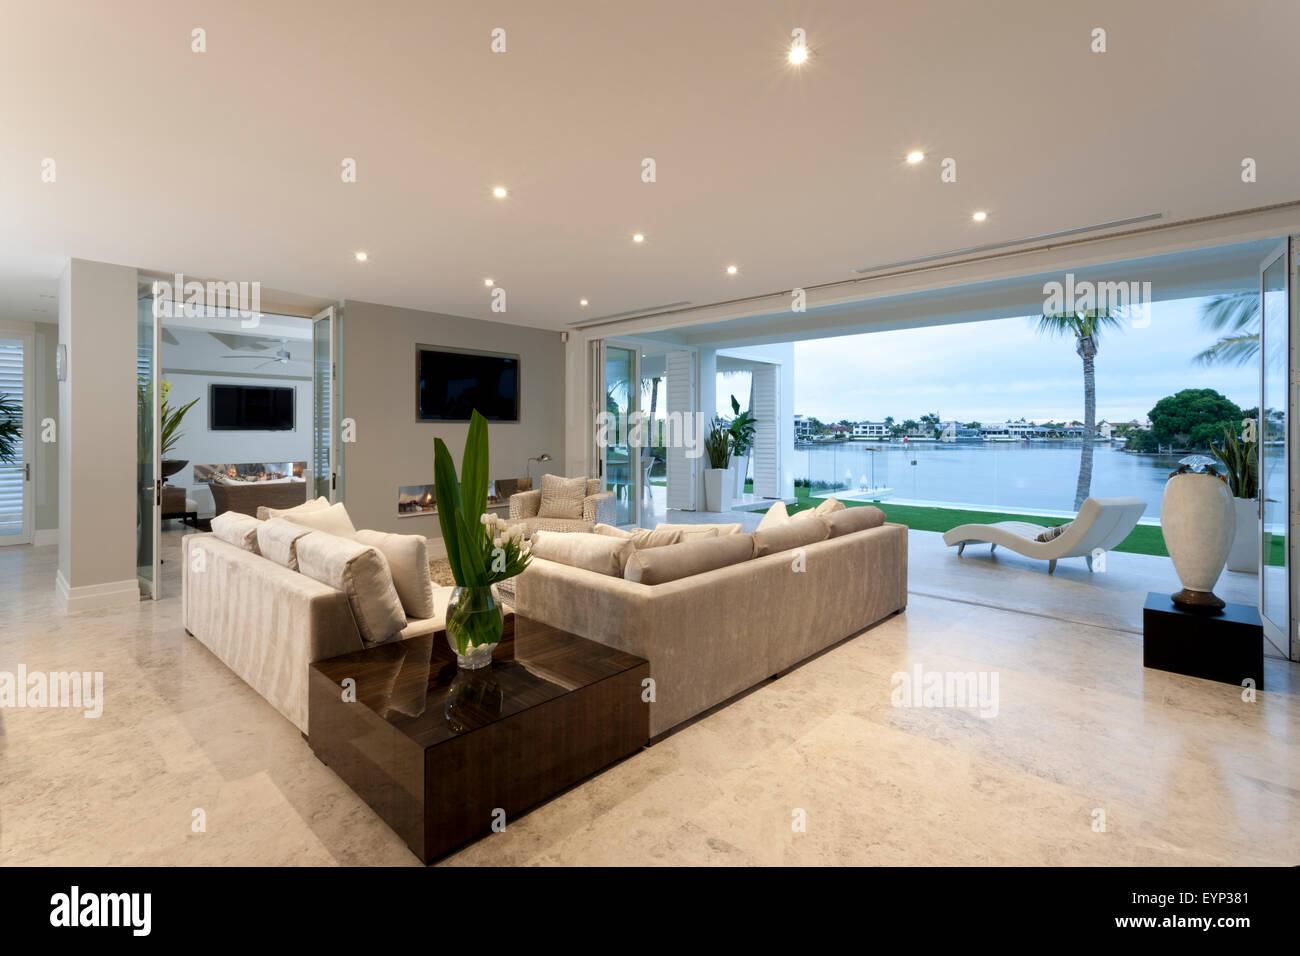 Schönes Wohnzimmer | Suche Schones Bild Wohnzimmer Abgehangte Decke Bad Schimmel Schon